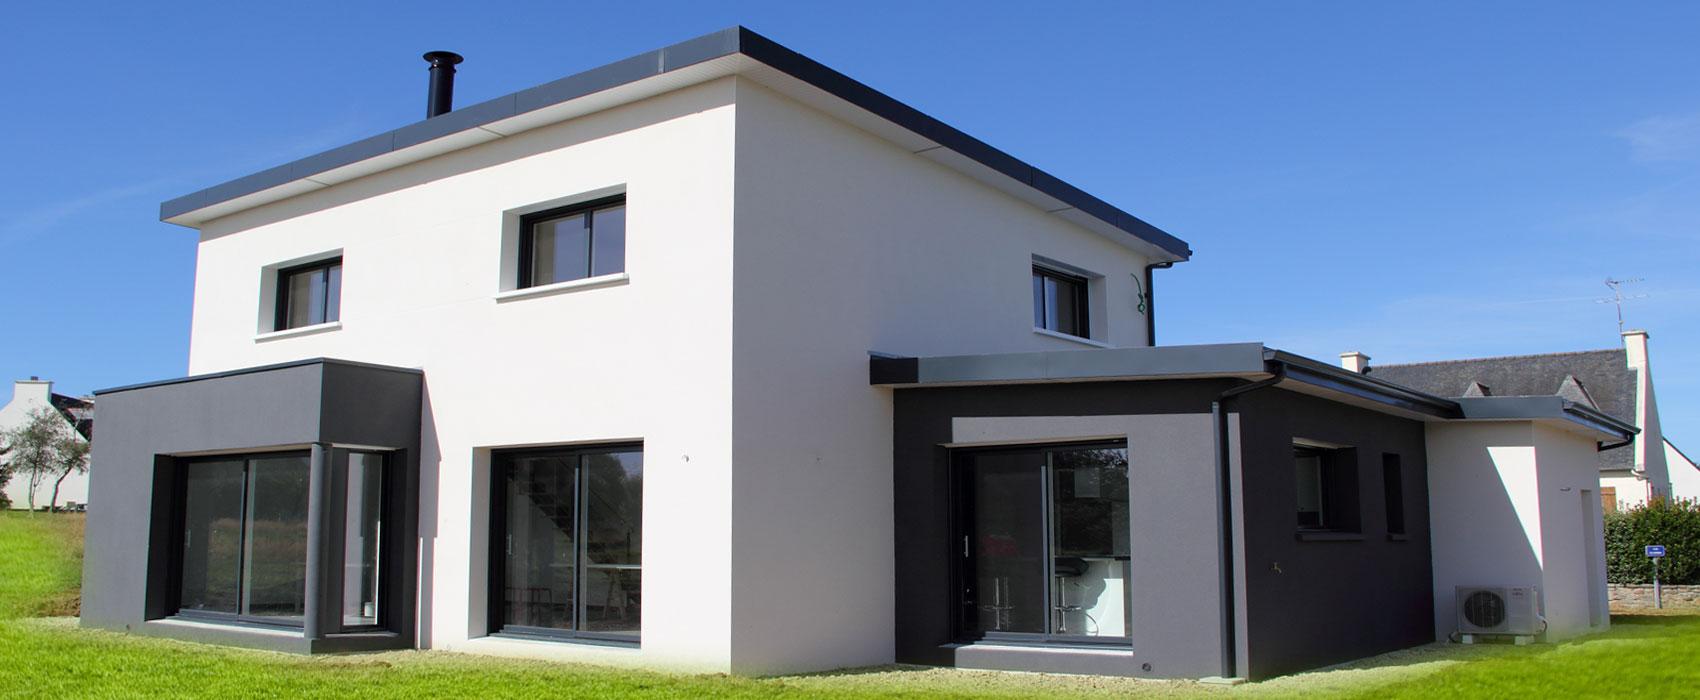 Location maison Nantes: une meilleure option